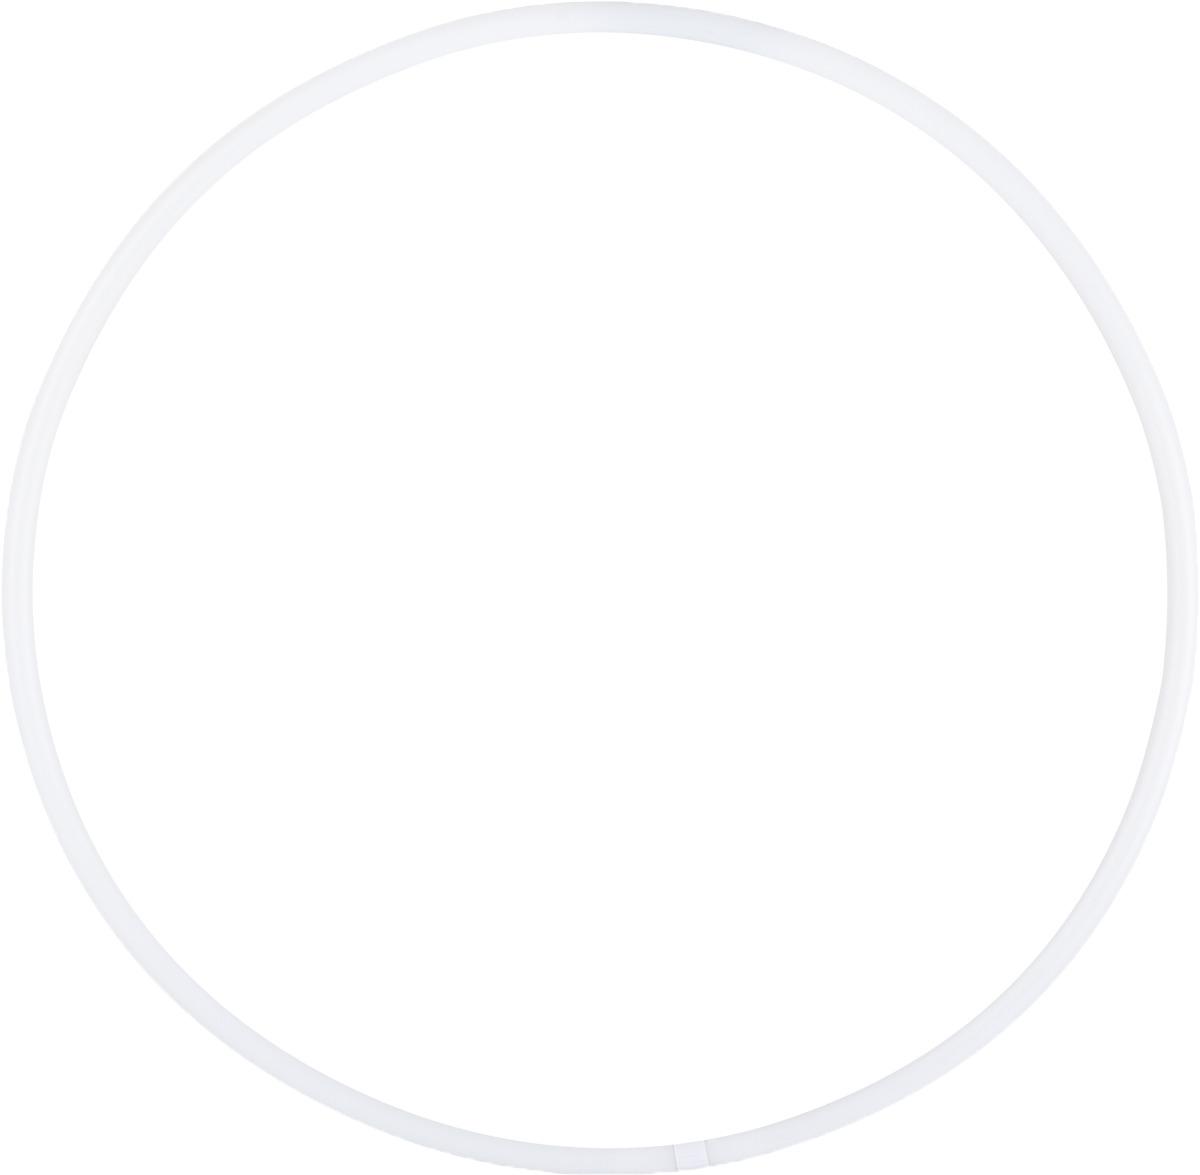 Обруч для художественной гимнастики Amely AGO-101, диаметр 60 см, цвет: белый мяч для художественной гимнастики amely agr 101 диаметр 15 см цвет синий белый